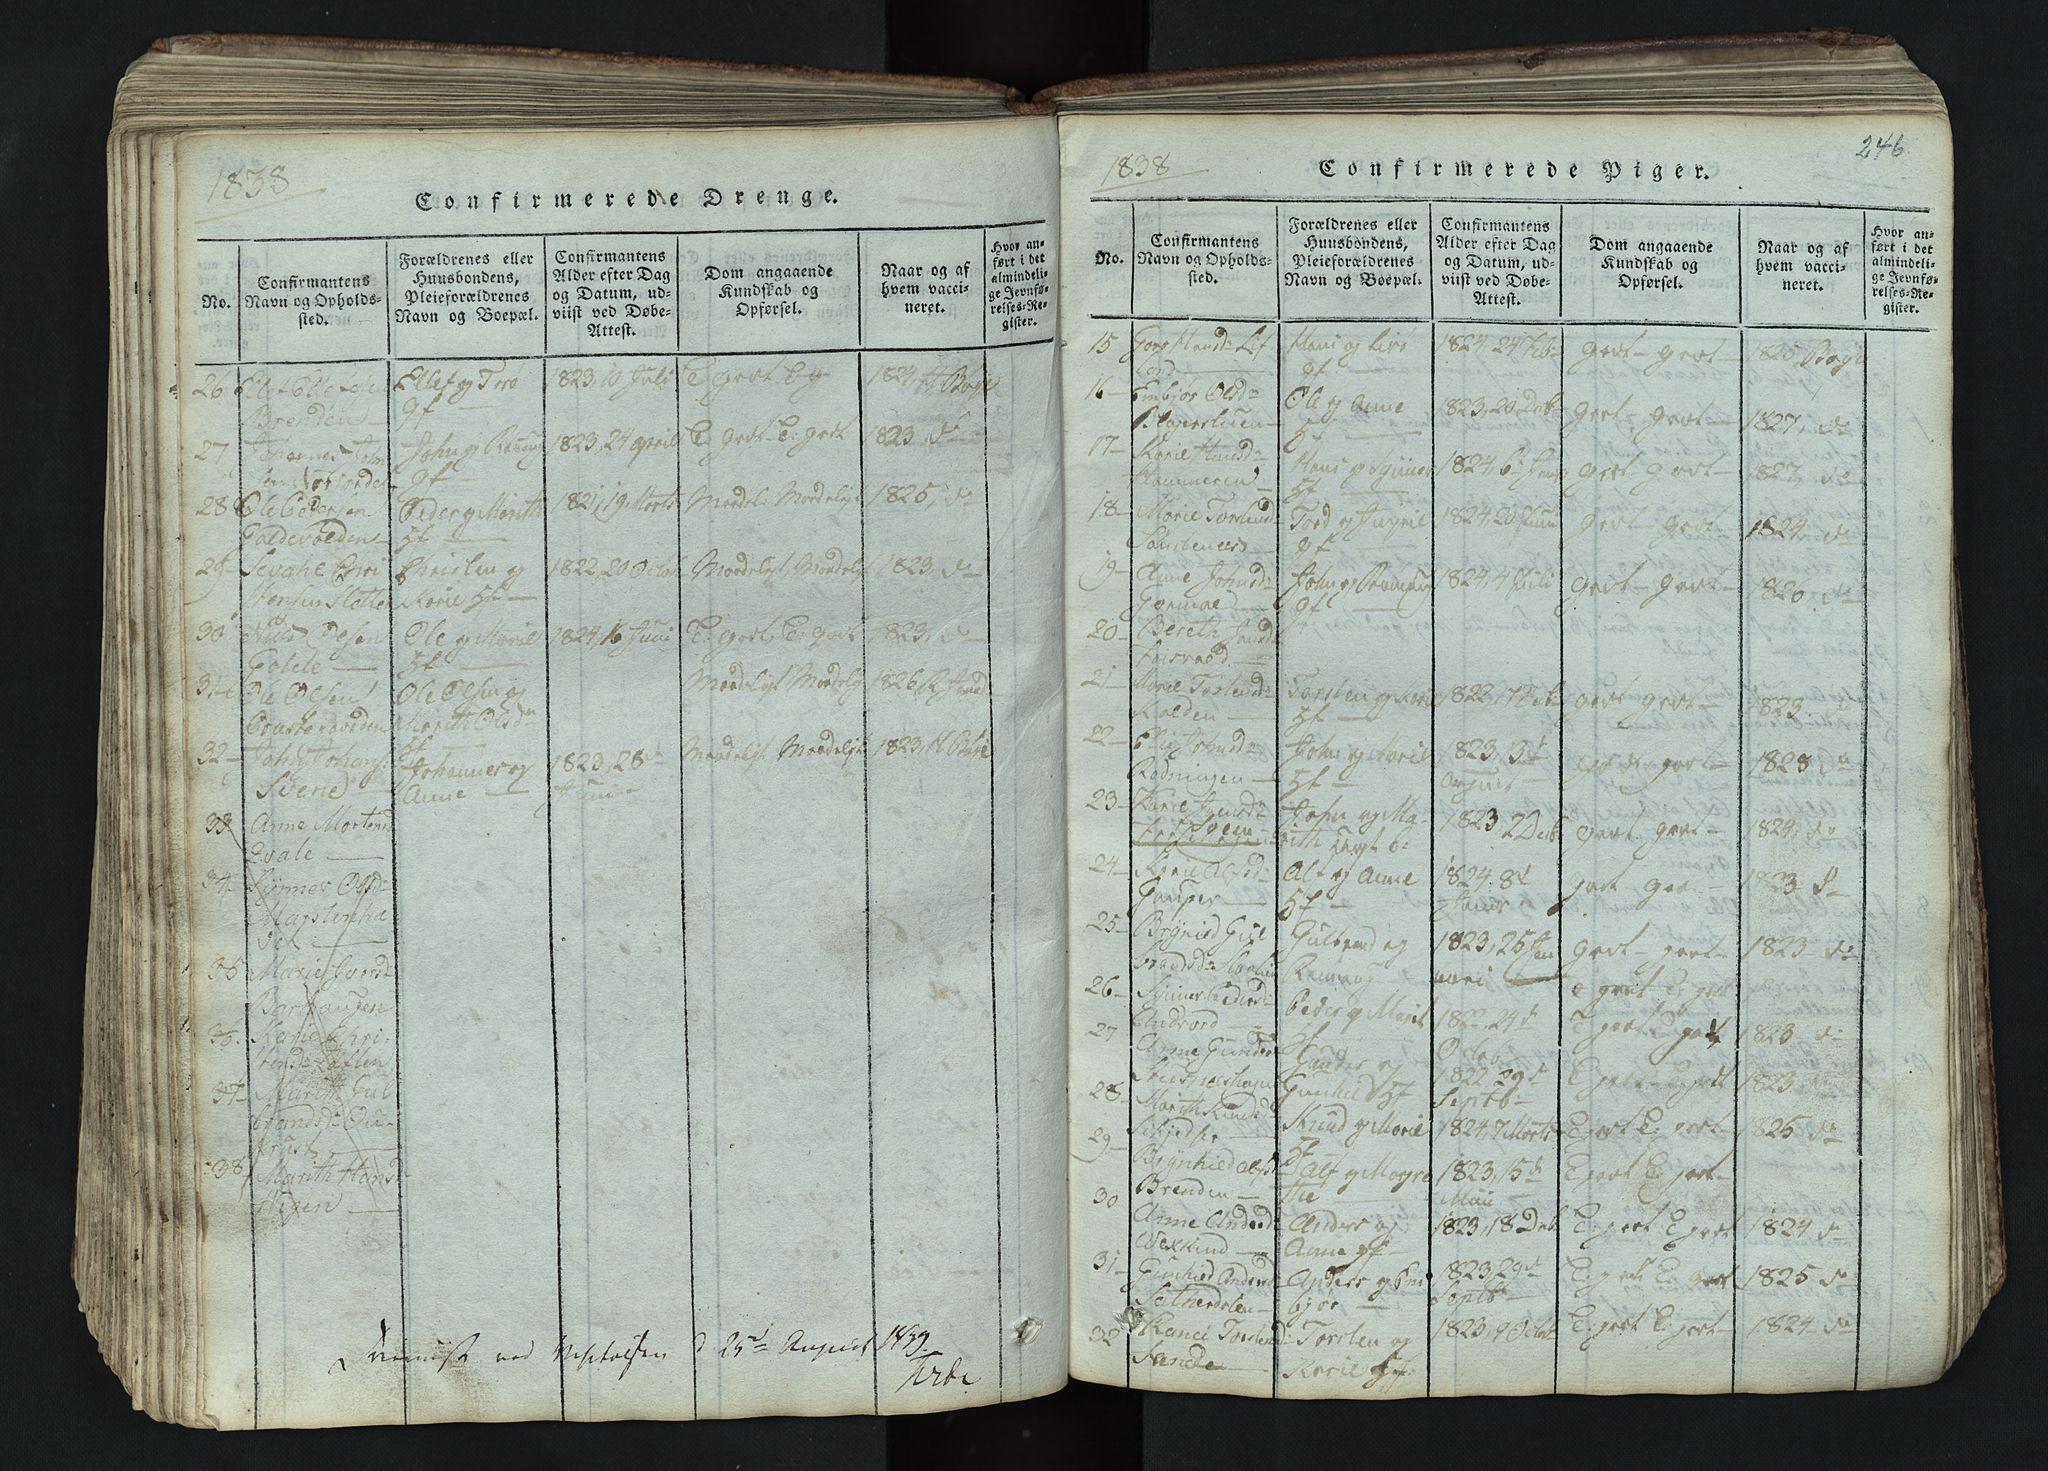 SAH, Lom prestekontor, L/L0002: Klokkerbok nr. 2, 1815-1844, s. 246